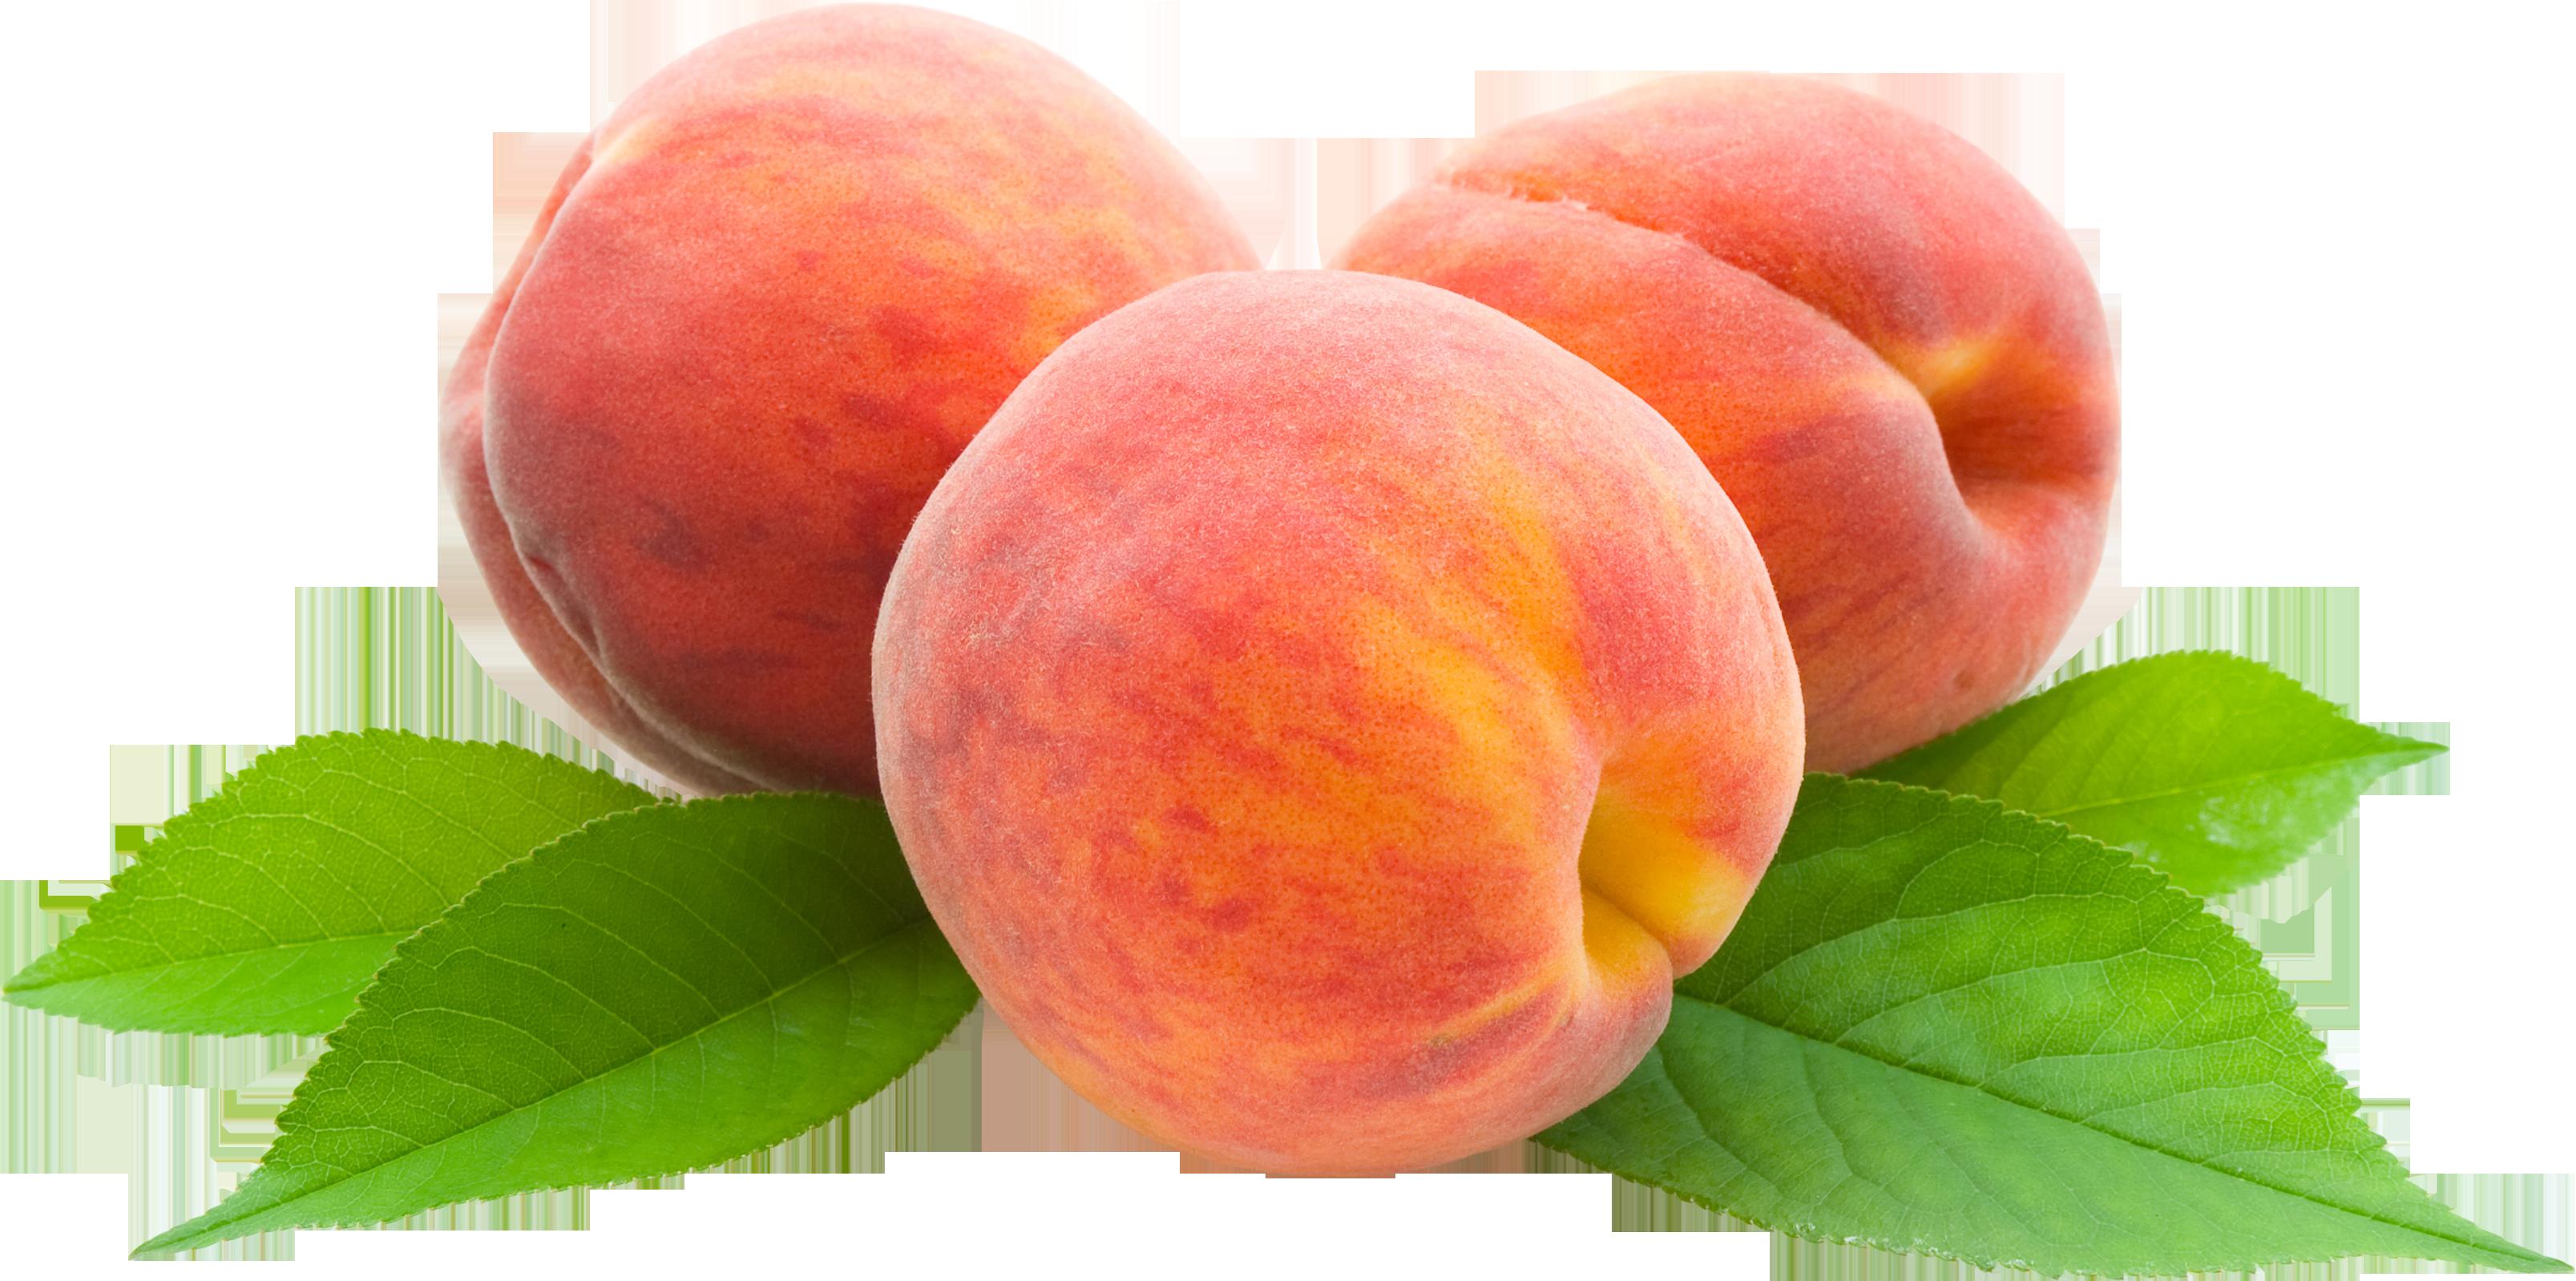 Peach clipart georgia peach. Hd png transparent images